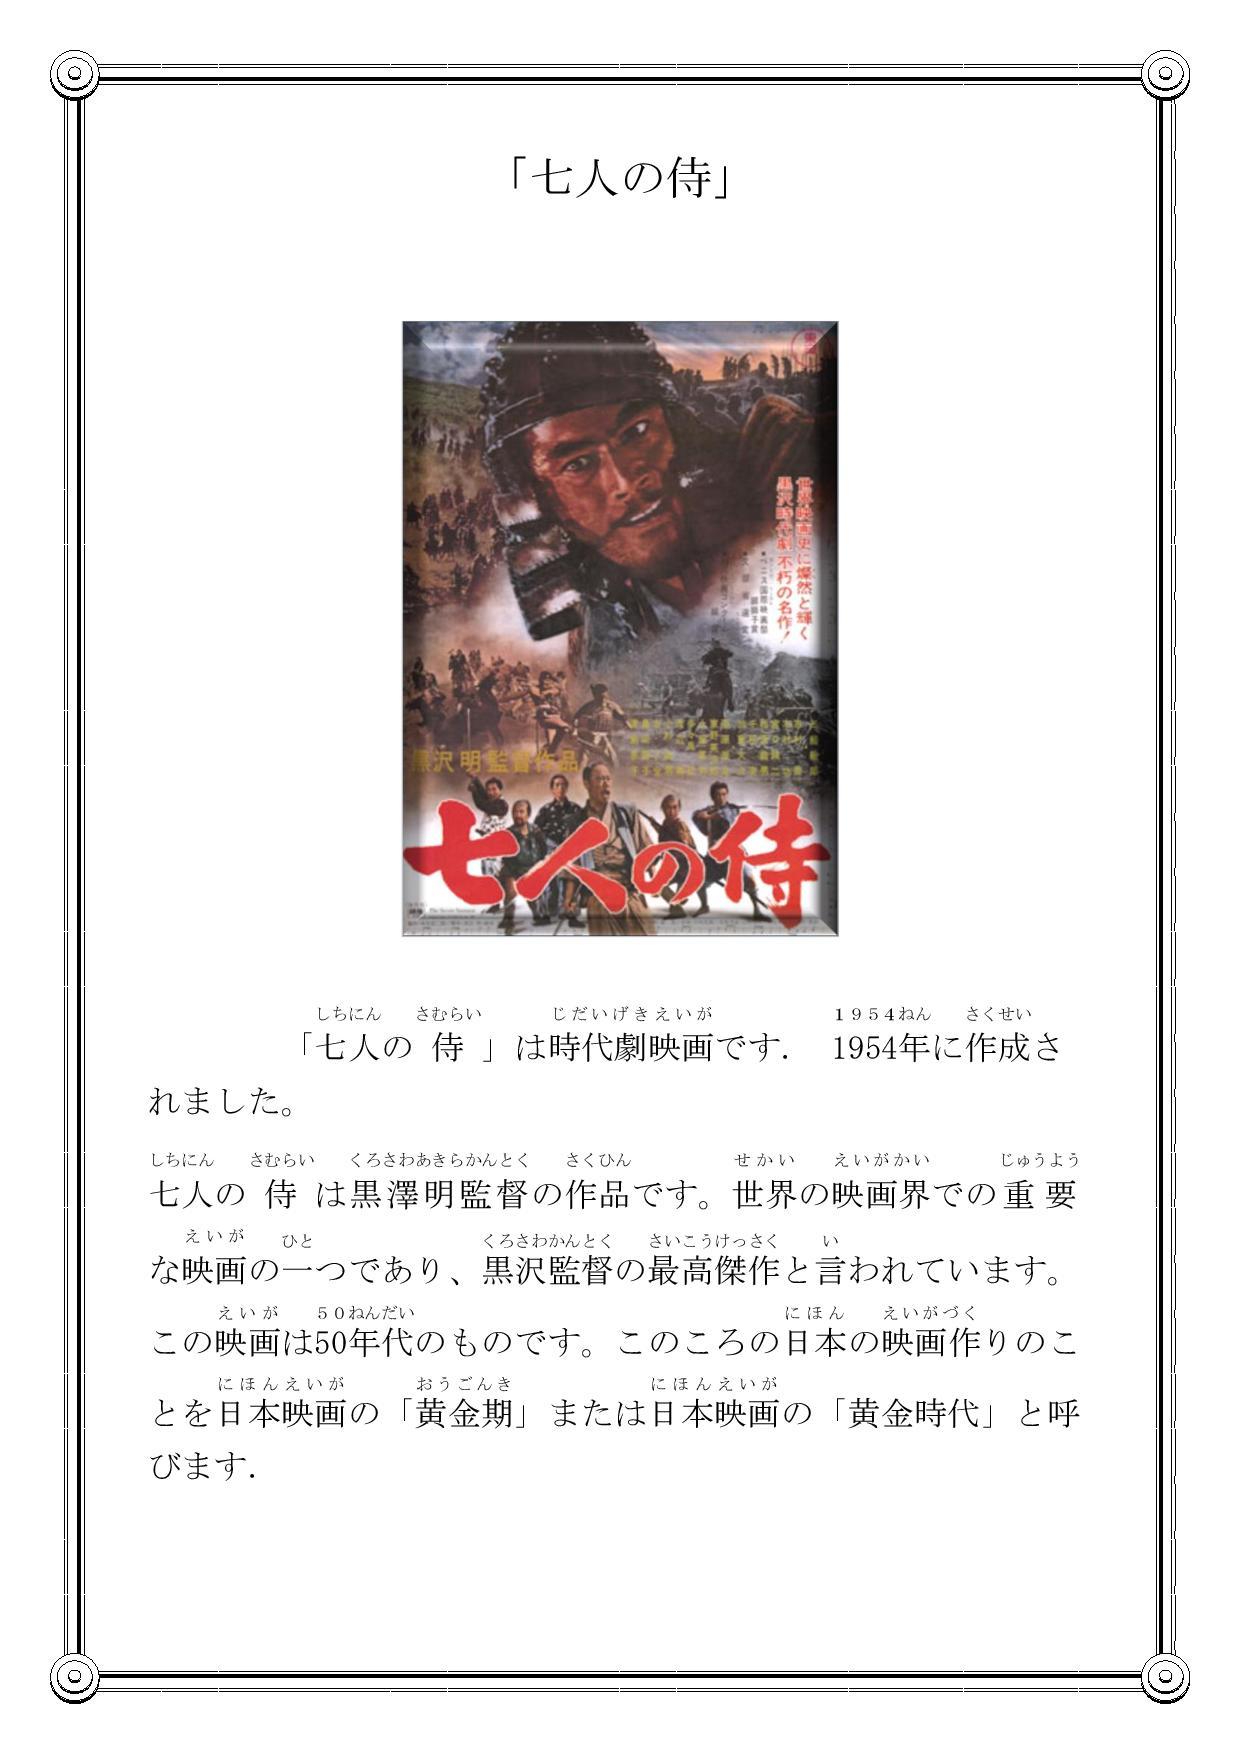 [七人の侍]-page-001